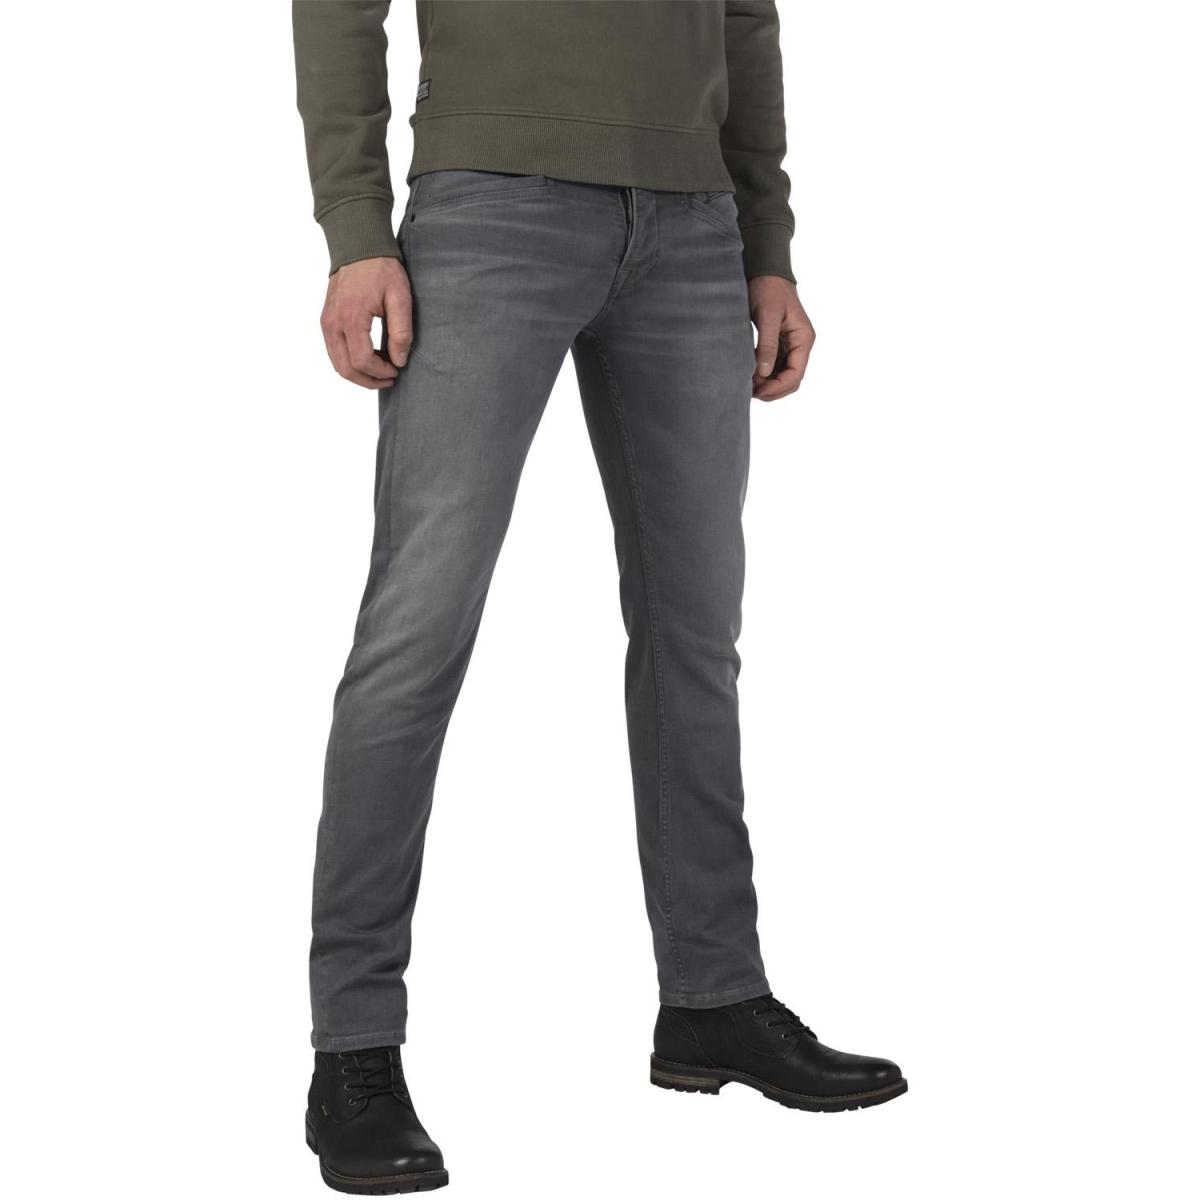 curtis ptr550 pme legend jeans fgc